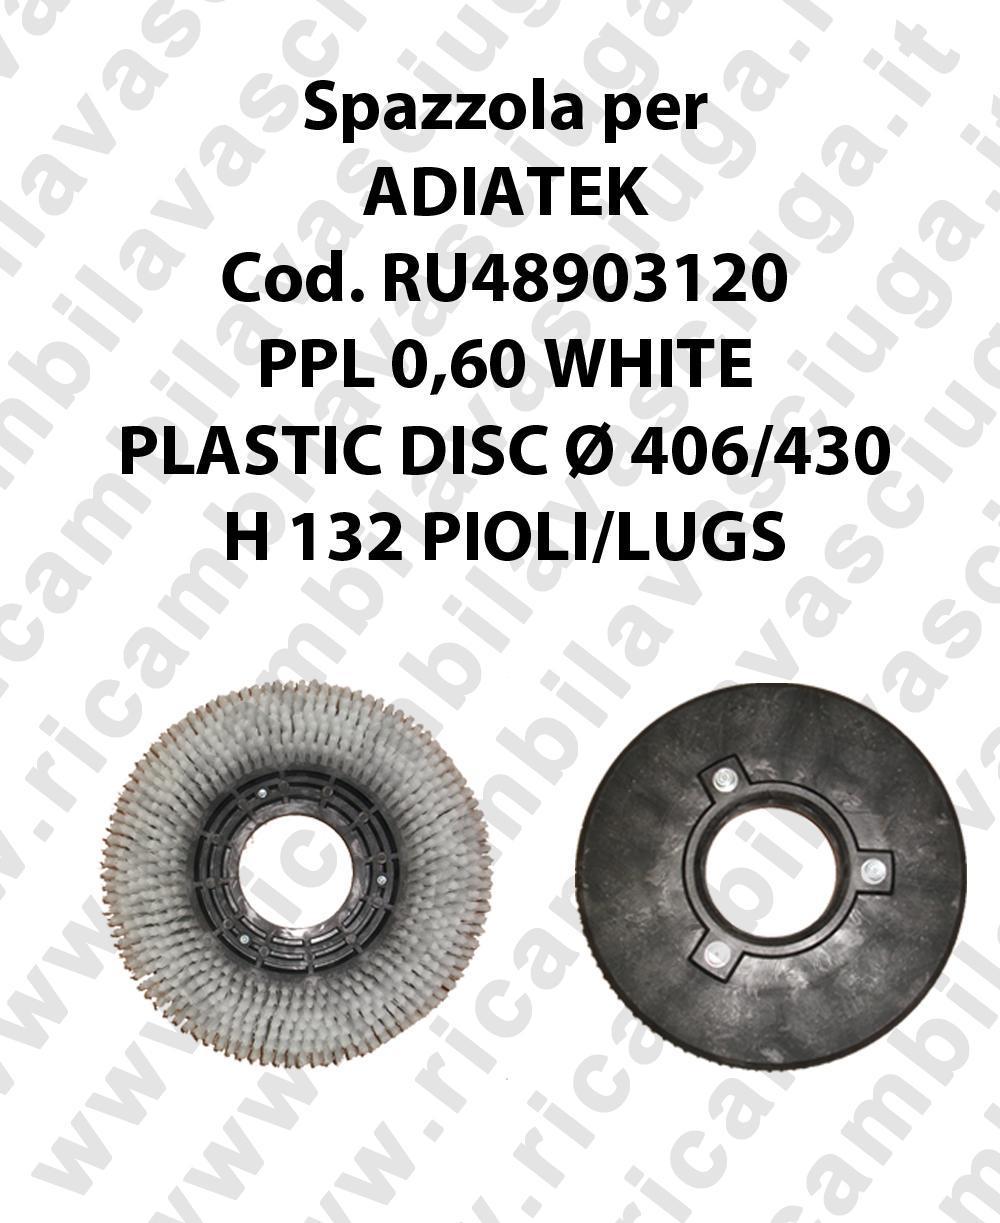 CEPILLO DE LAVADO PPL 0,60 WHITE para fregadora ADIATEK codice RU48903120